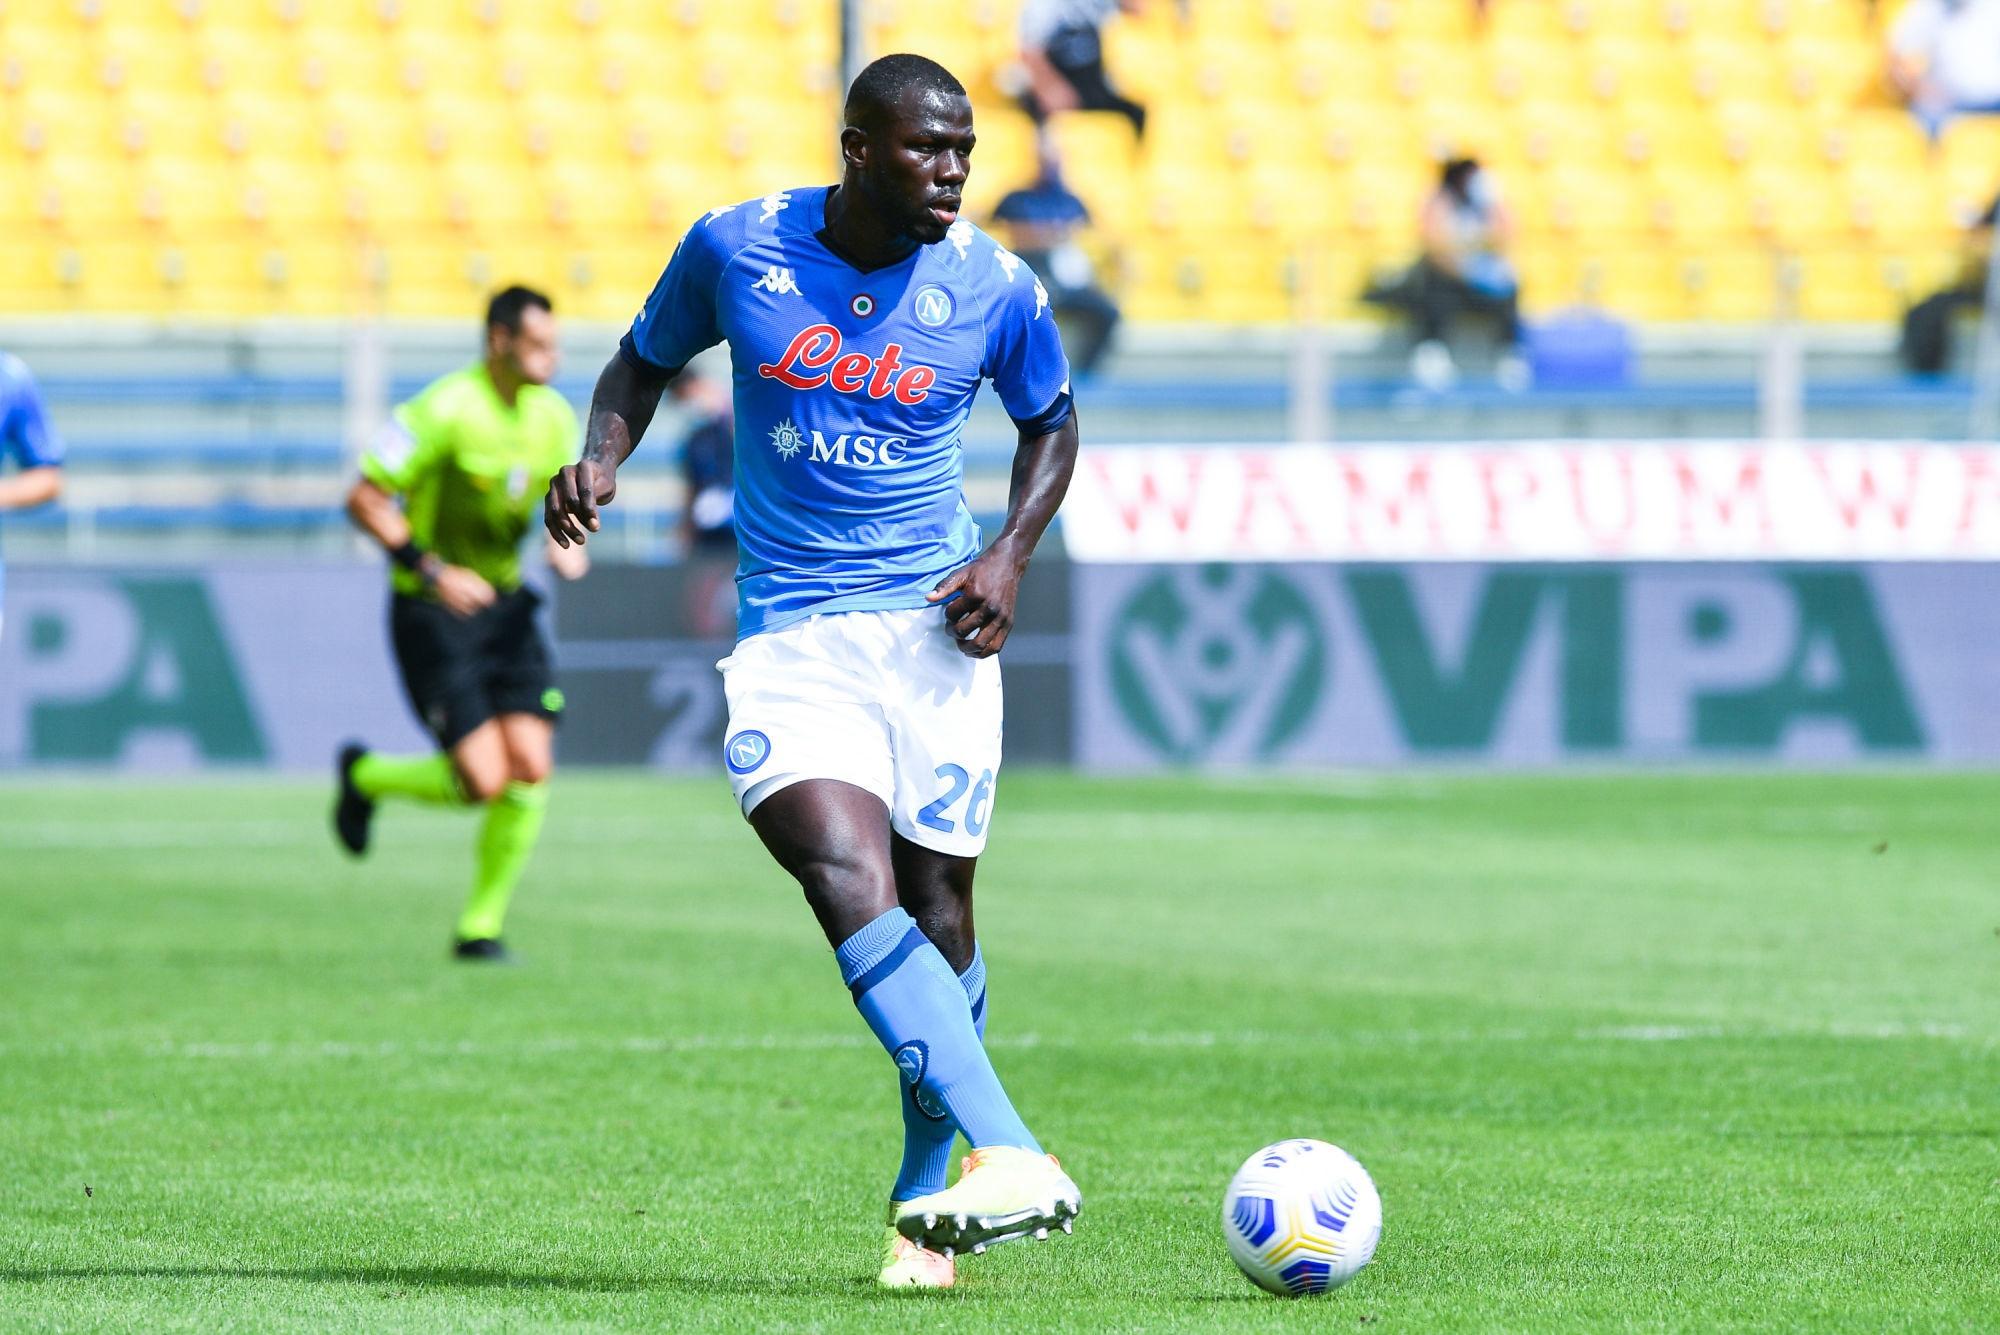 Mercato - Le Parisien refroidit la rumeur d'un transfert de Koulibaly au PSG